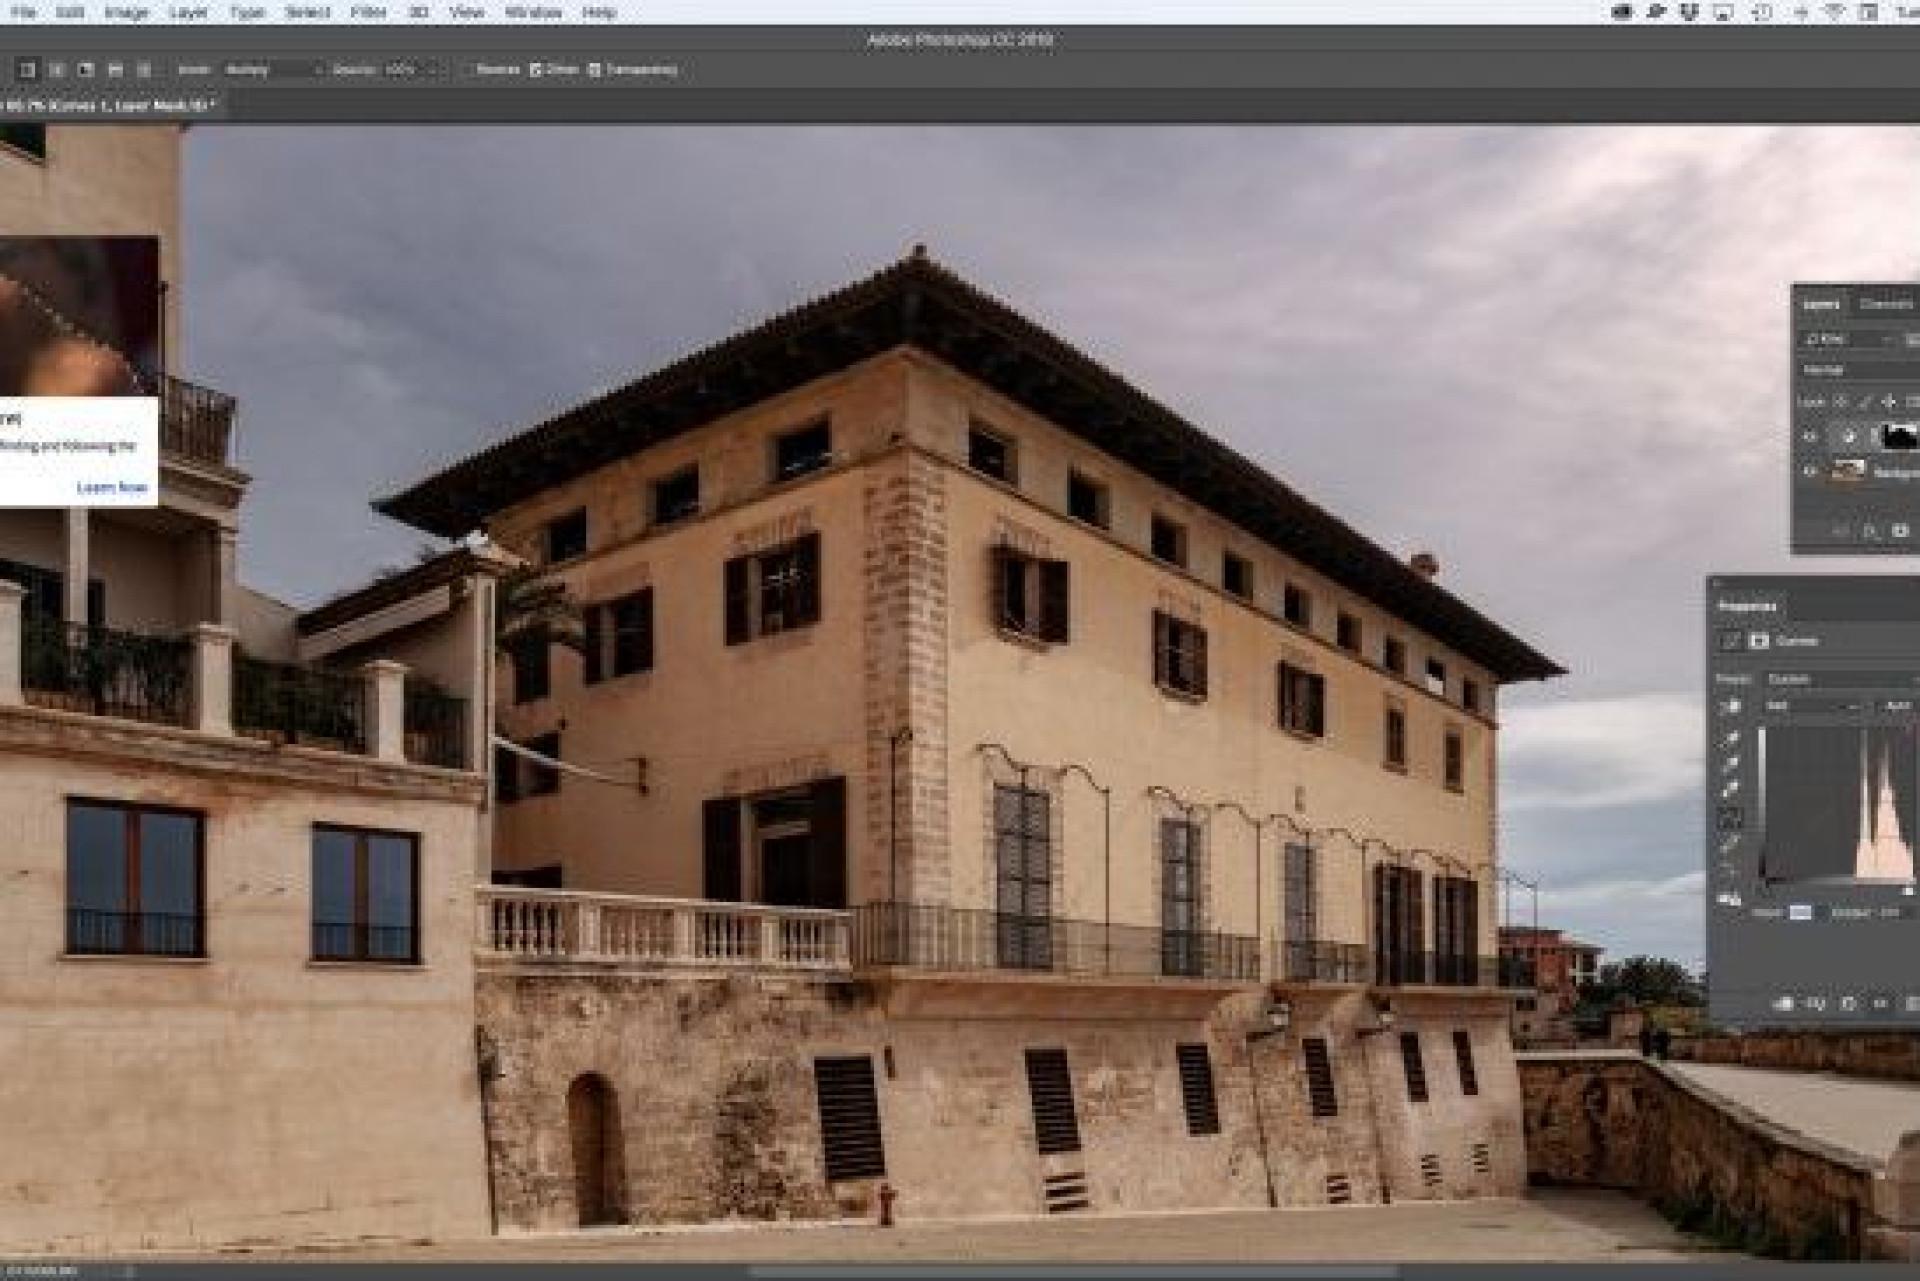 Conheça os 10 melhores programas para editar fotografias